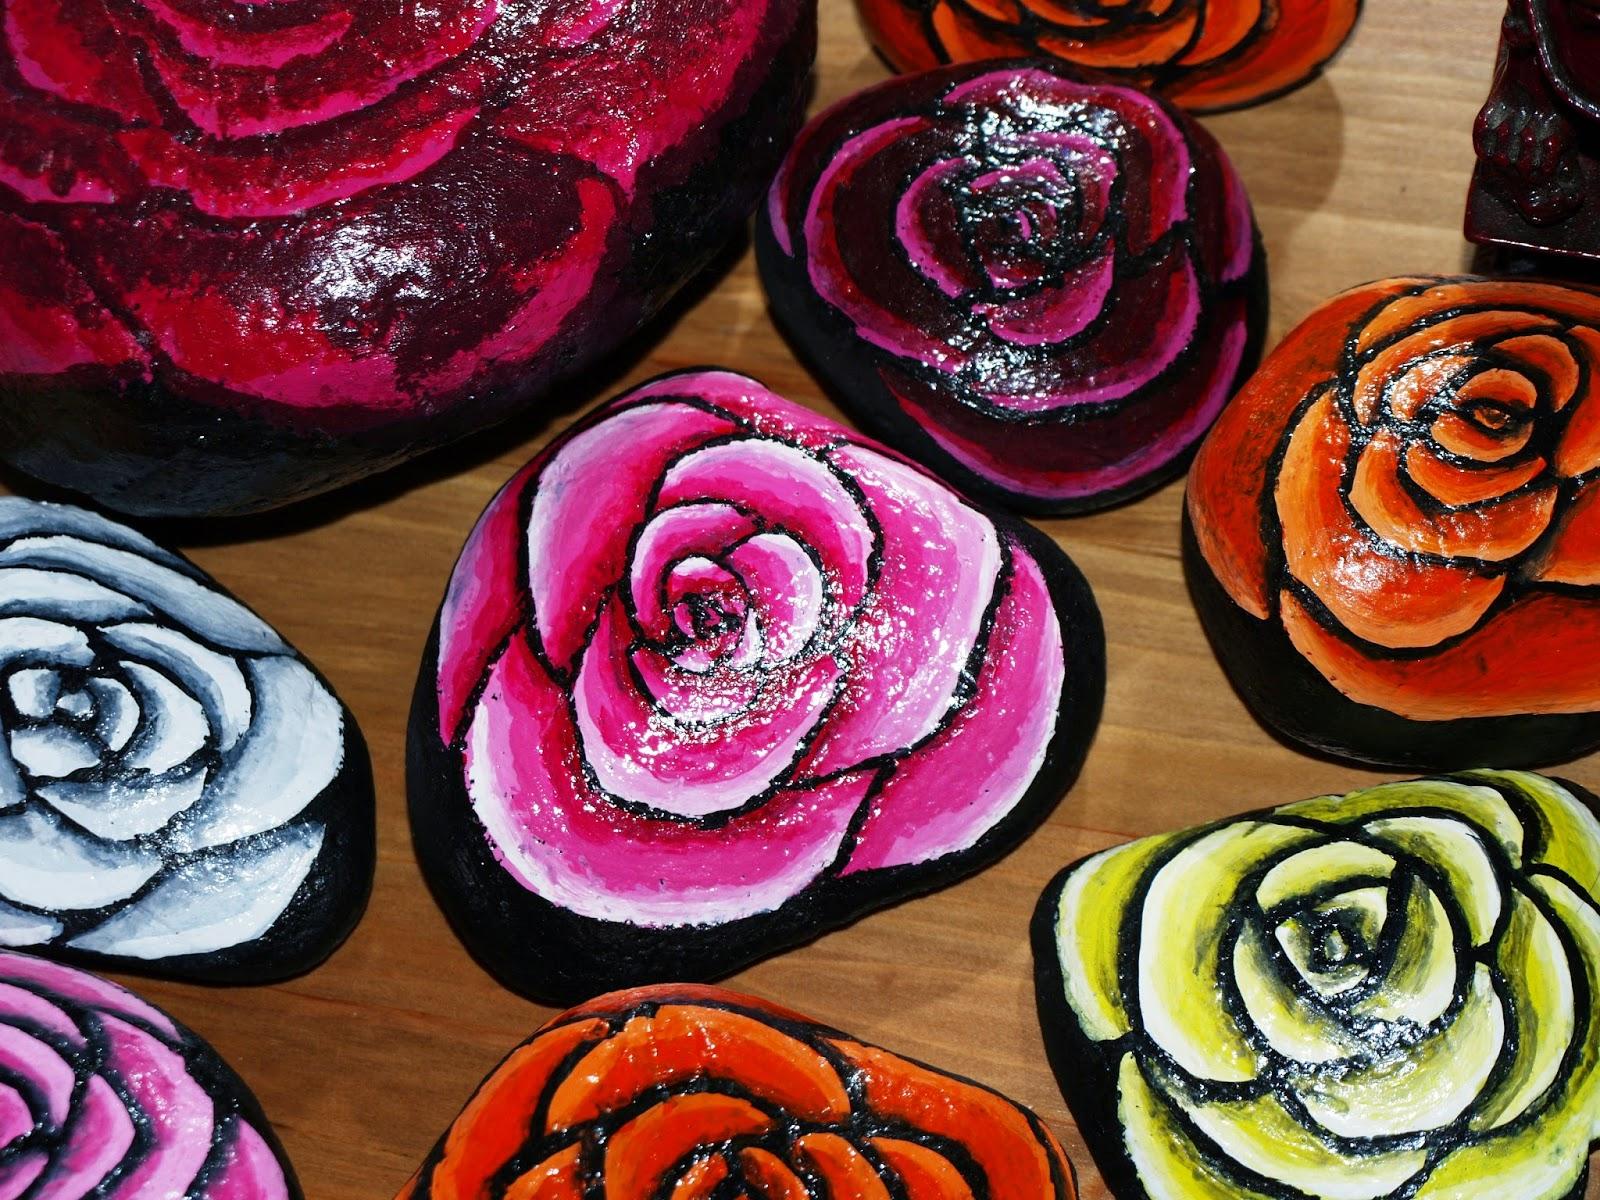 PIEDRAS PINTADAS A MANO: rosas